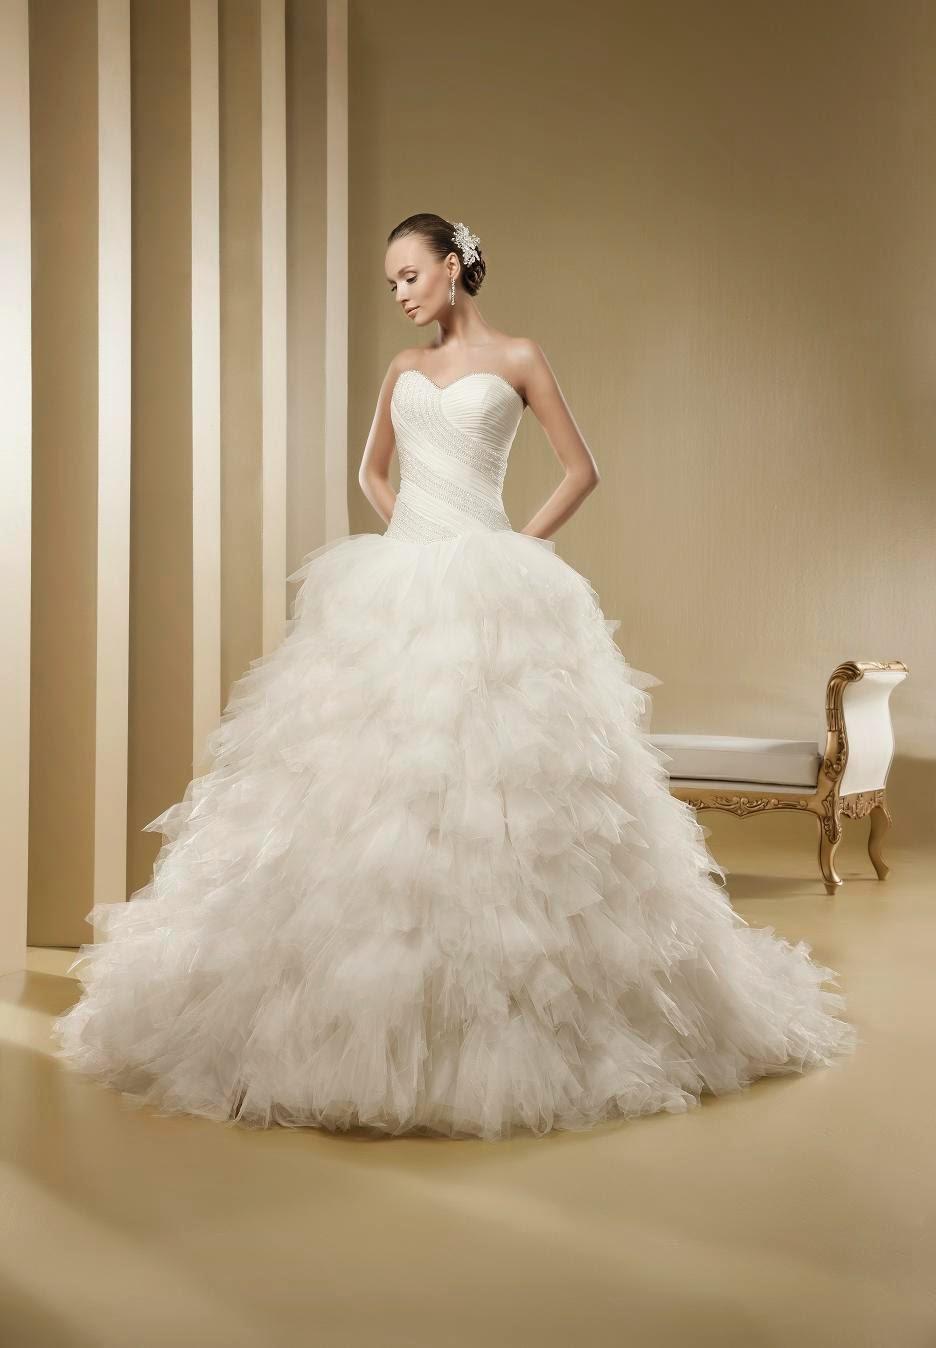 Картинки с свадебными платьями